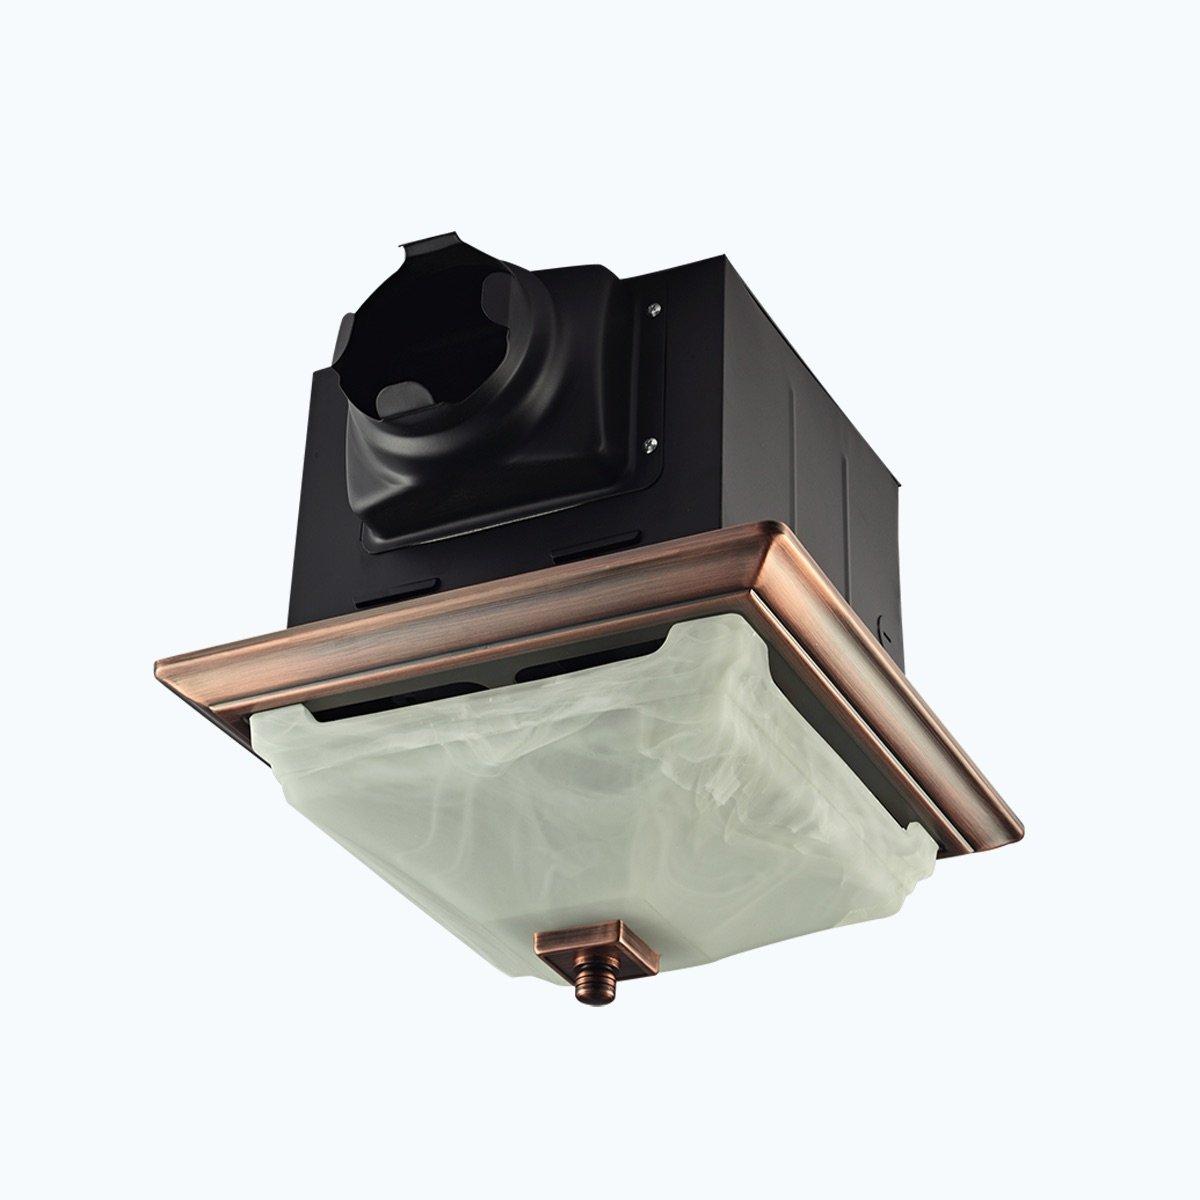 Lift Bridge Kitchen & Bath DSQR110ORB Decorative Oil Rubbed Bronze 110CFM Ceiling Light and Glass Globe Exhaust Bath Fan